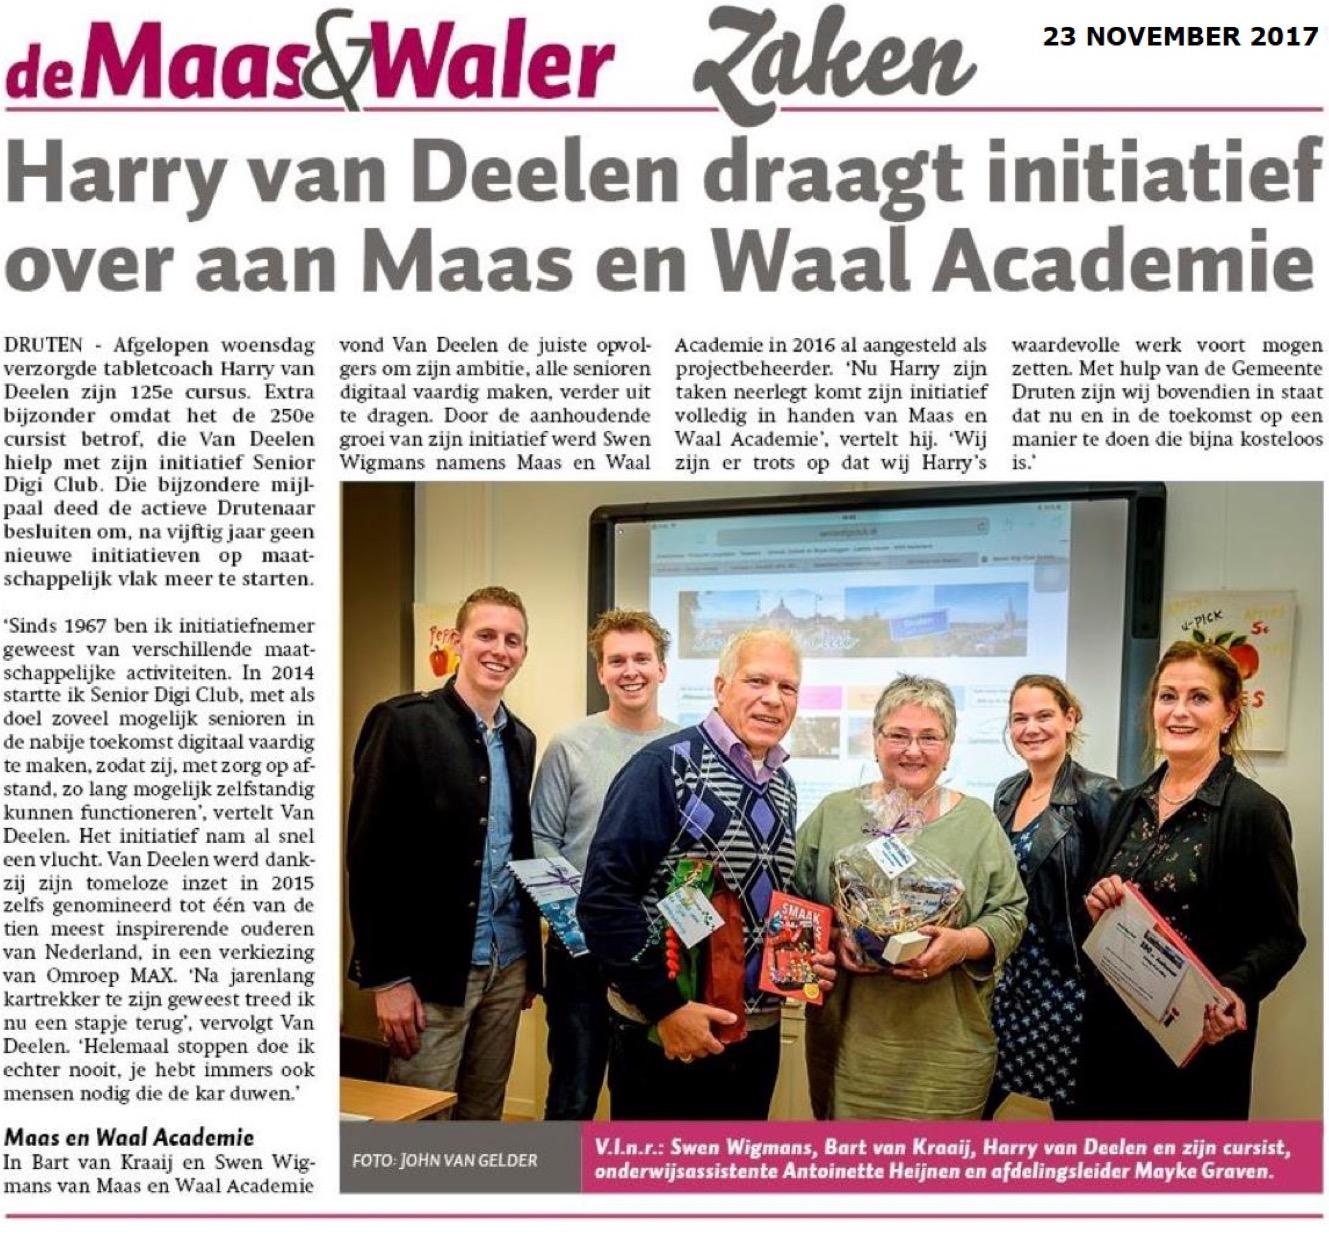 Harry van Deelen draagt initiatief over aan Maas en Waal Academie